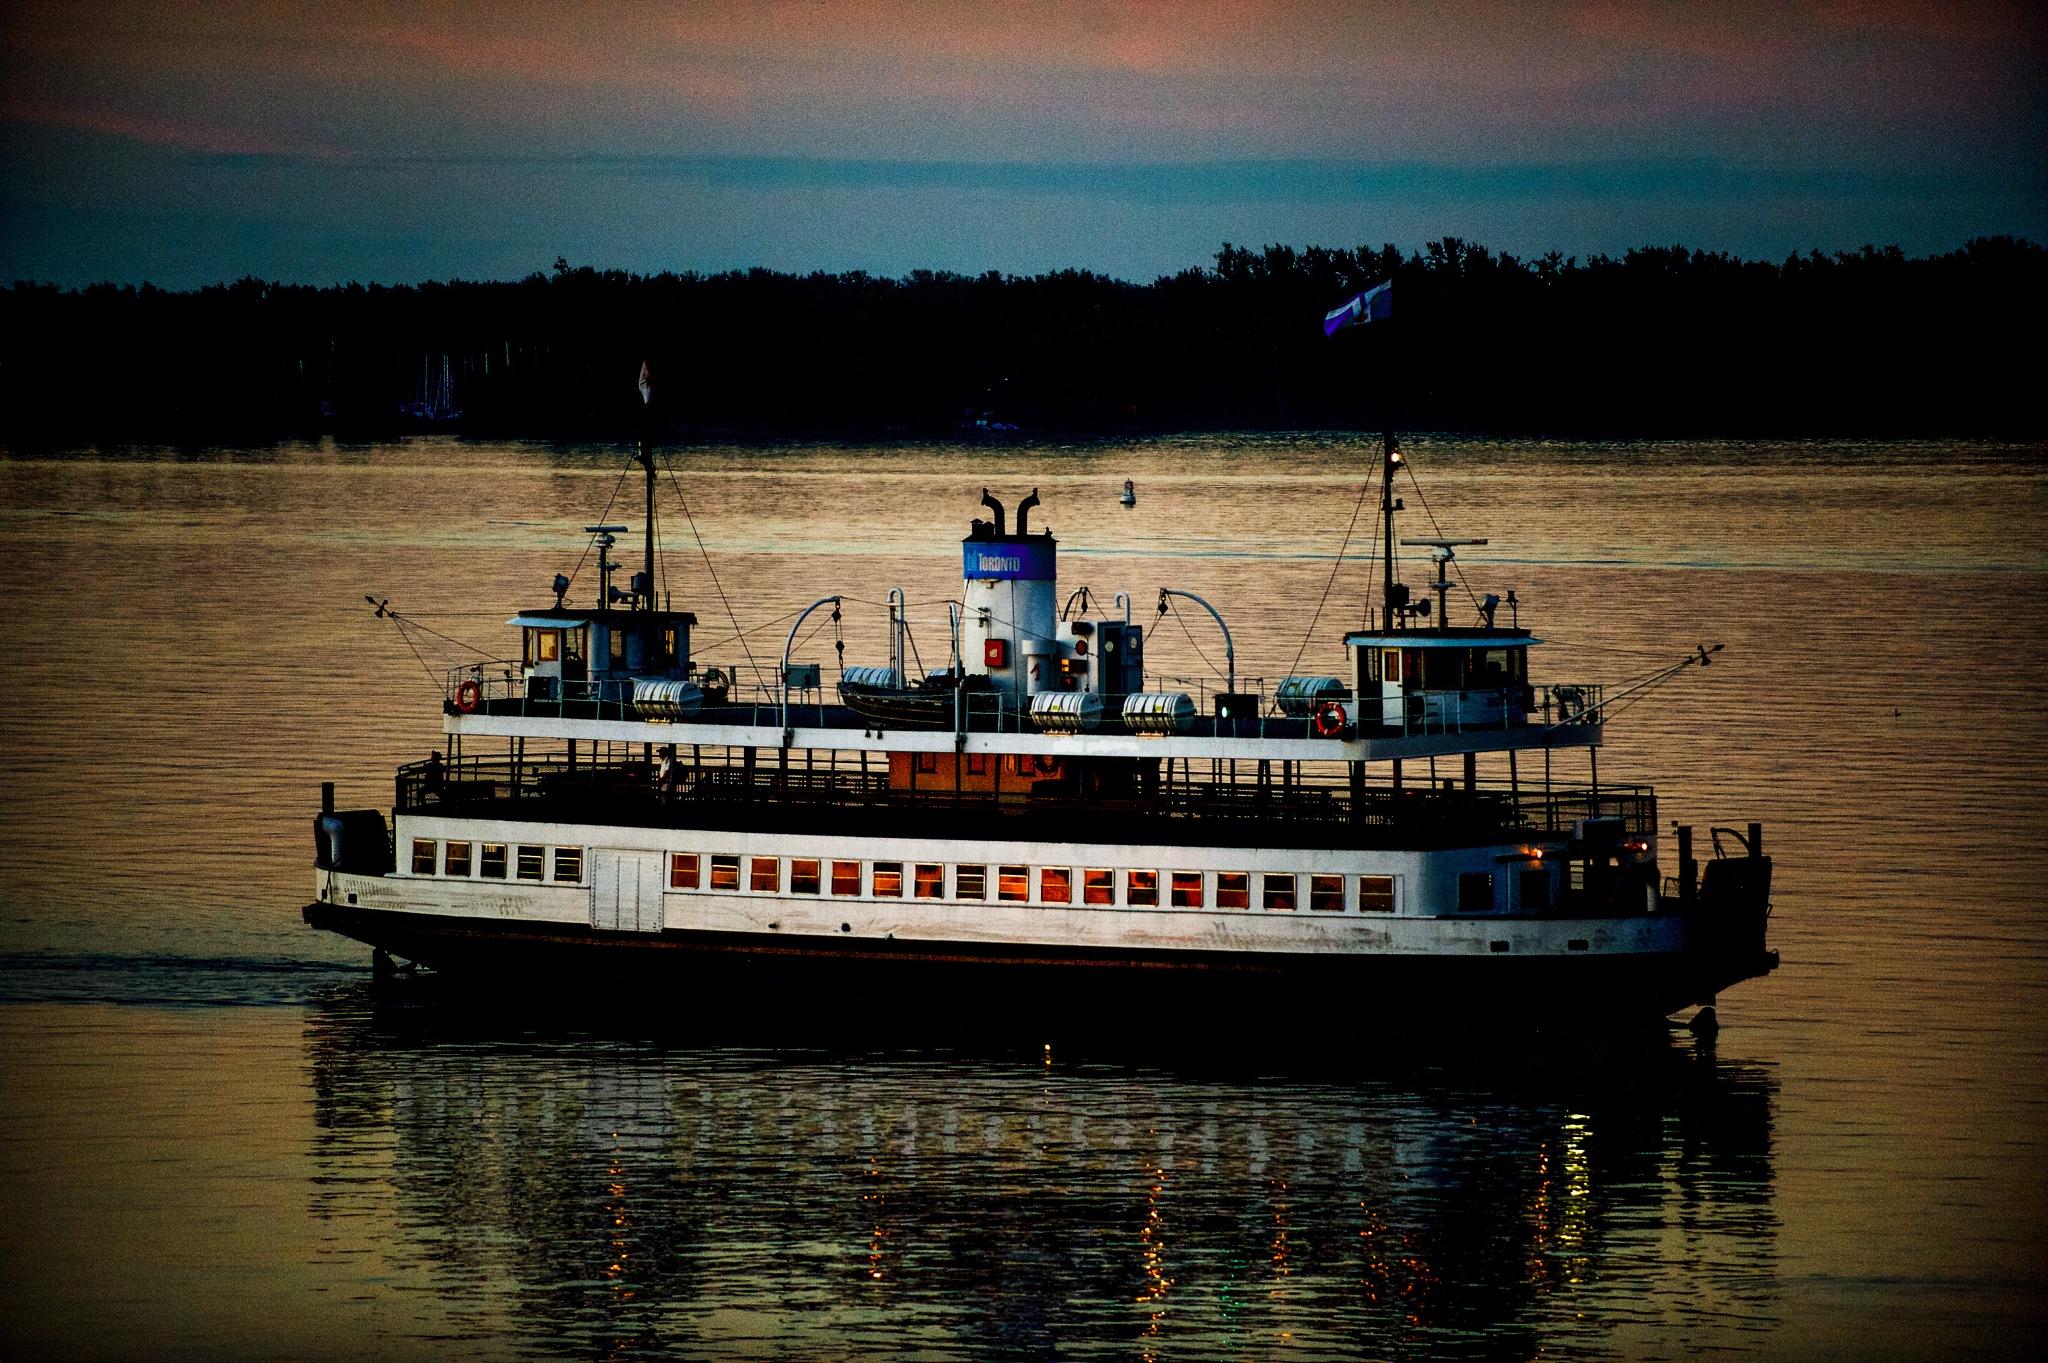 Toronto Ferry by Karen Bekker